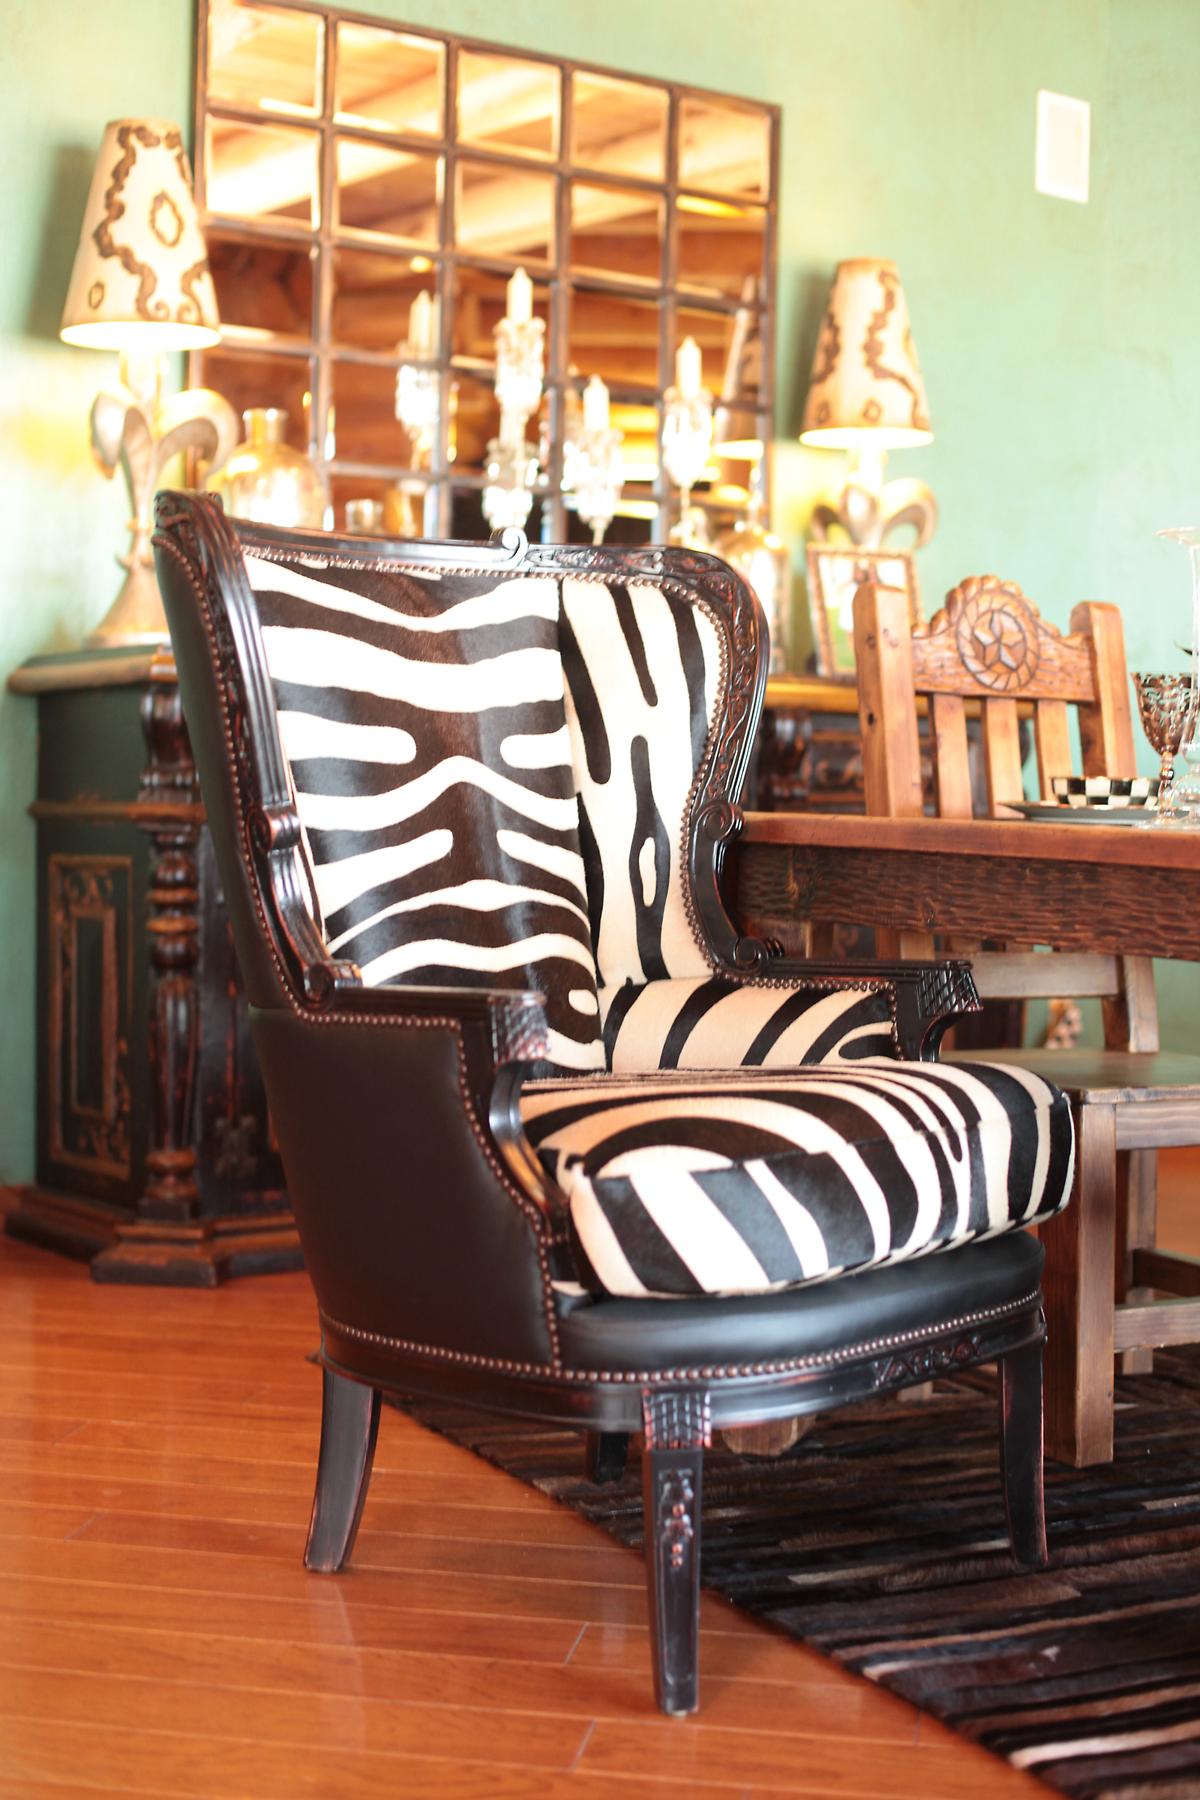 zebra chair.jpg